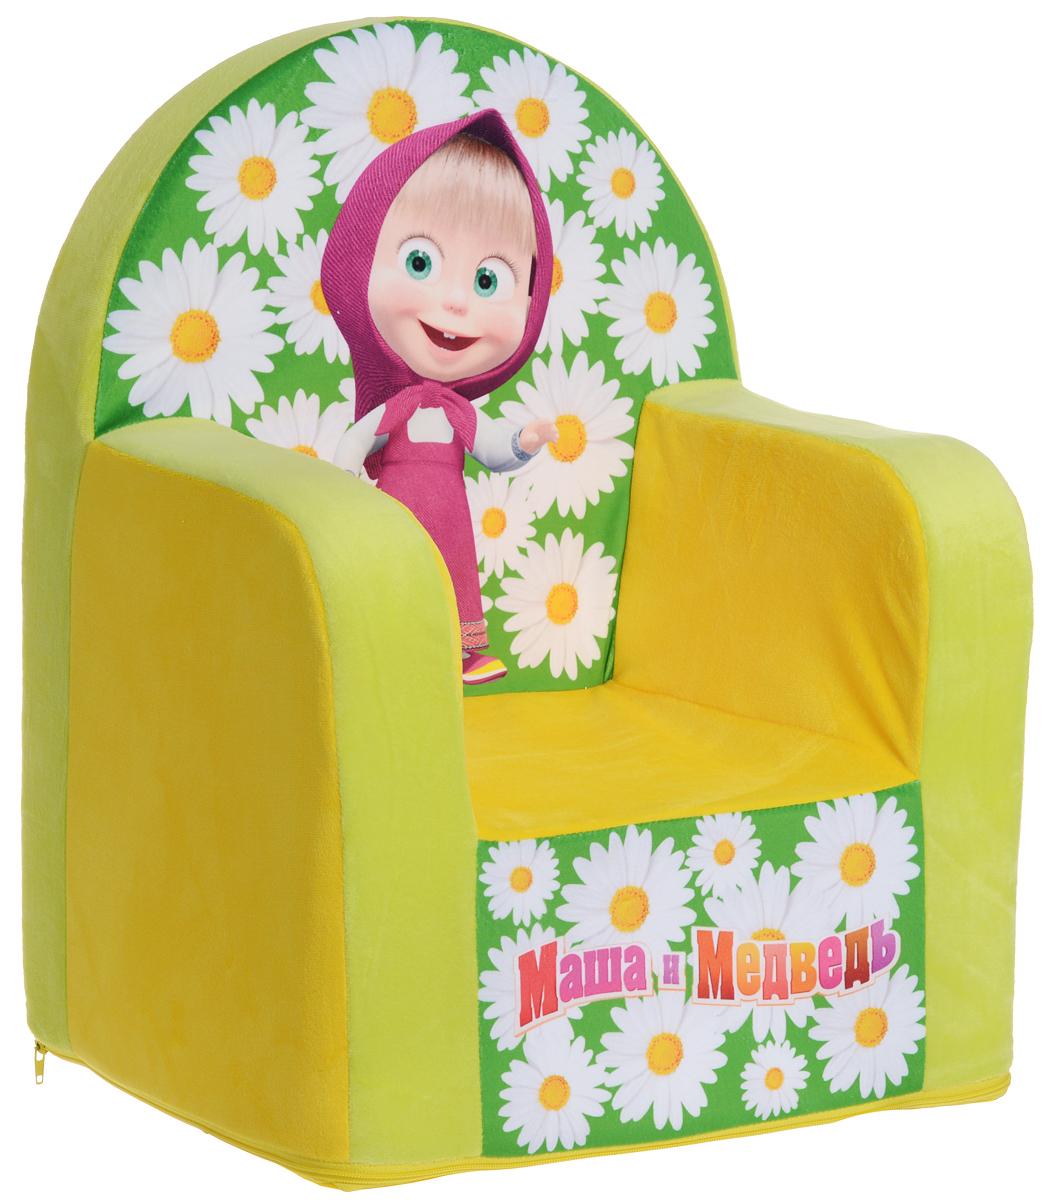 СмолТойс Мягкая игрушка Кресло Маша и Медведь цвет желтый 54 смFS-80264Мягкая игрушка СмолТойс Кресло Маша и Медведь отлично украсит любую детскую комнату!Мягкая игрушка выполнена в виде кресла и изготовлена с учетом размеров тела ребенка без применения деревянных конструкций. Такая игрушка полностью мягкая, удобная для малыша, выполнена из экологичных и качественных материалов. Особенно кресло понравится тем малышам, которые обожают мультфильмы про Машу и Медведя. Кресло имеет яркую окраску и практичный съемный чехол на застежке-молнии, который при необходимости вы сможете постирать.Ваш ребенок будет в восторге от такого подарка!